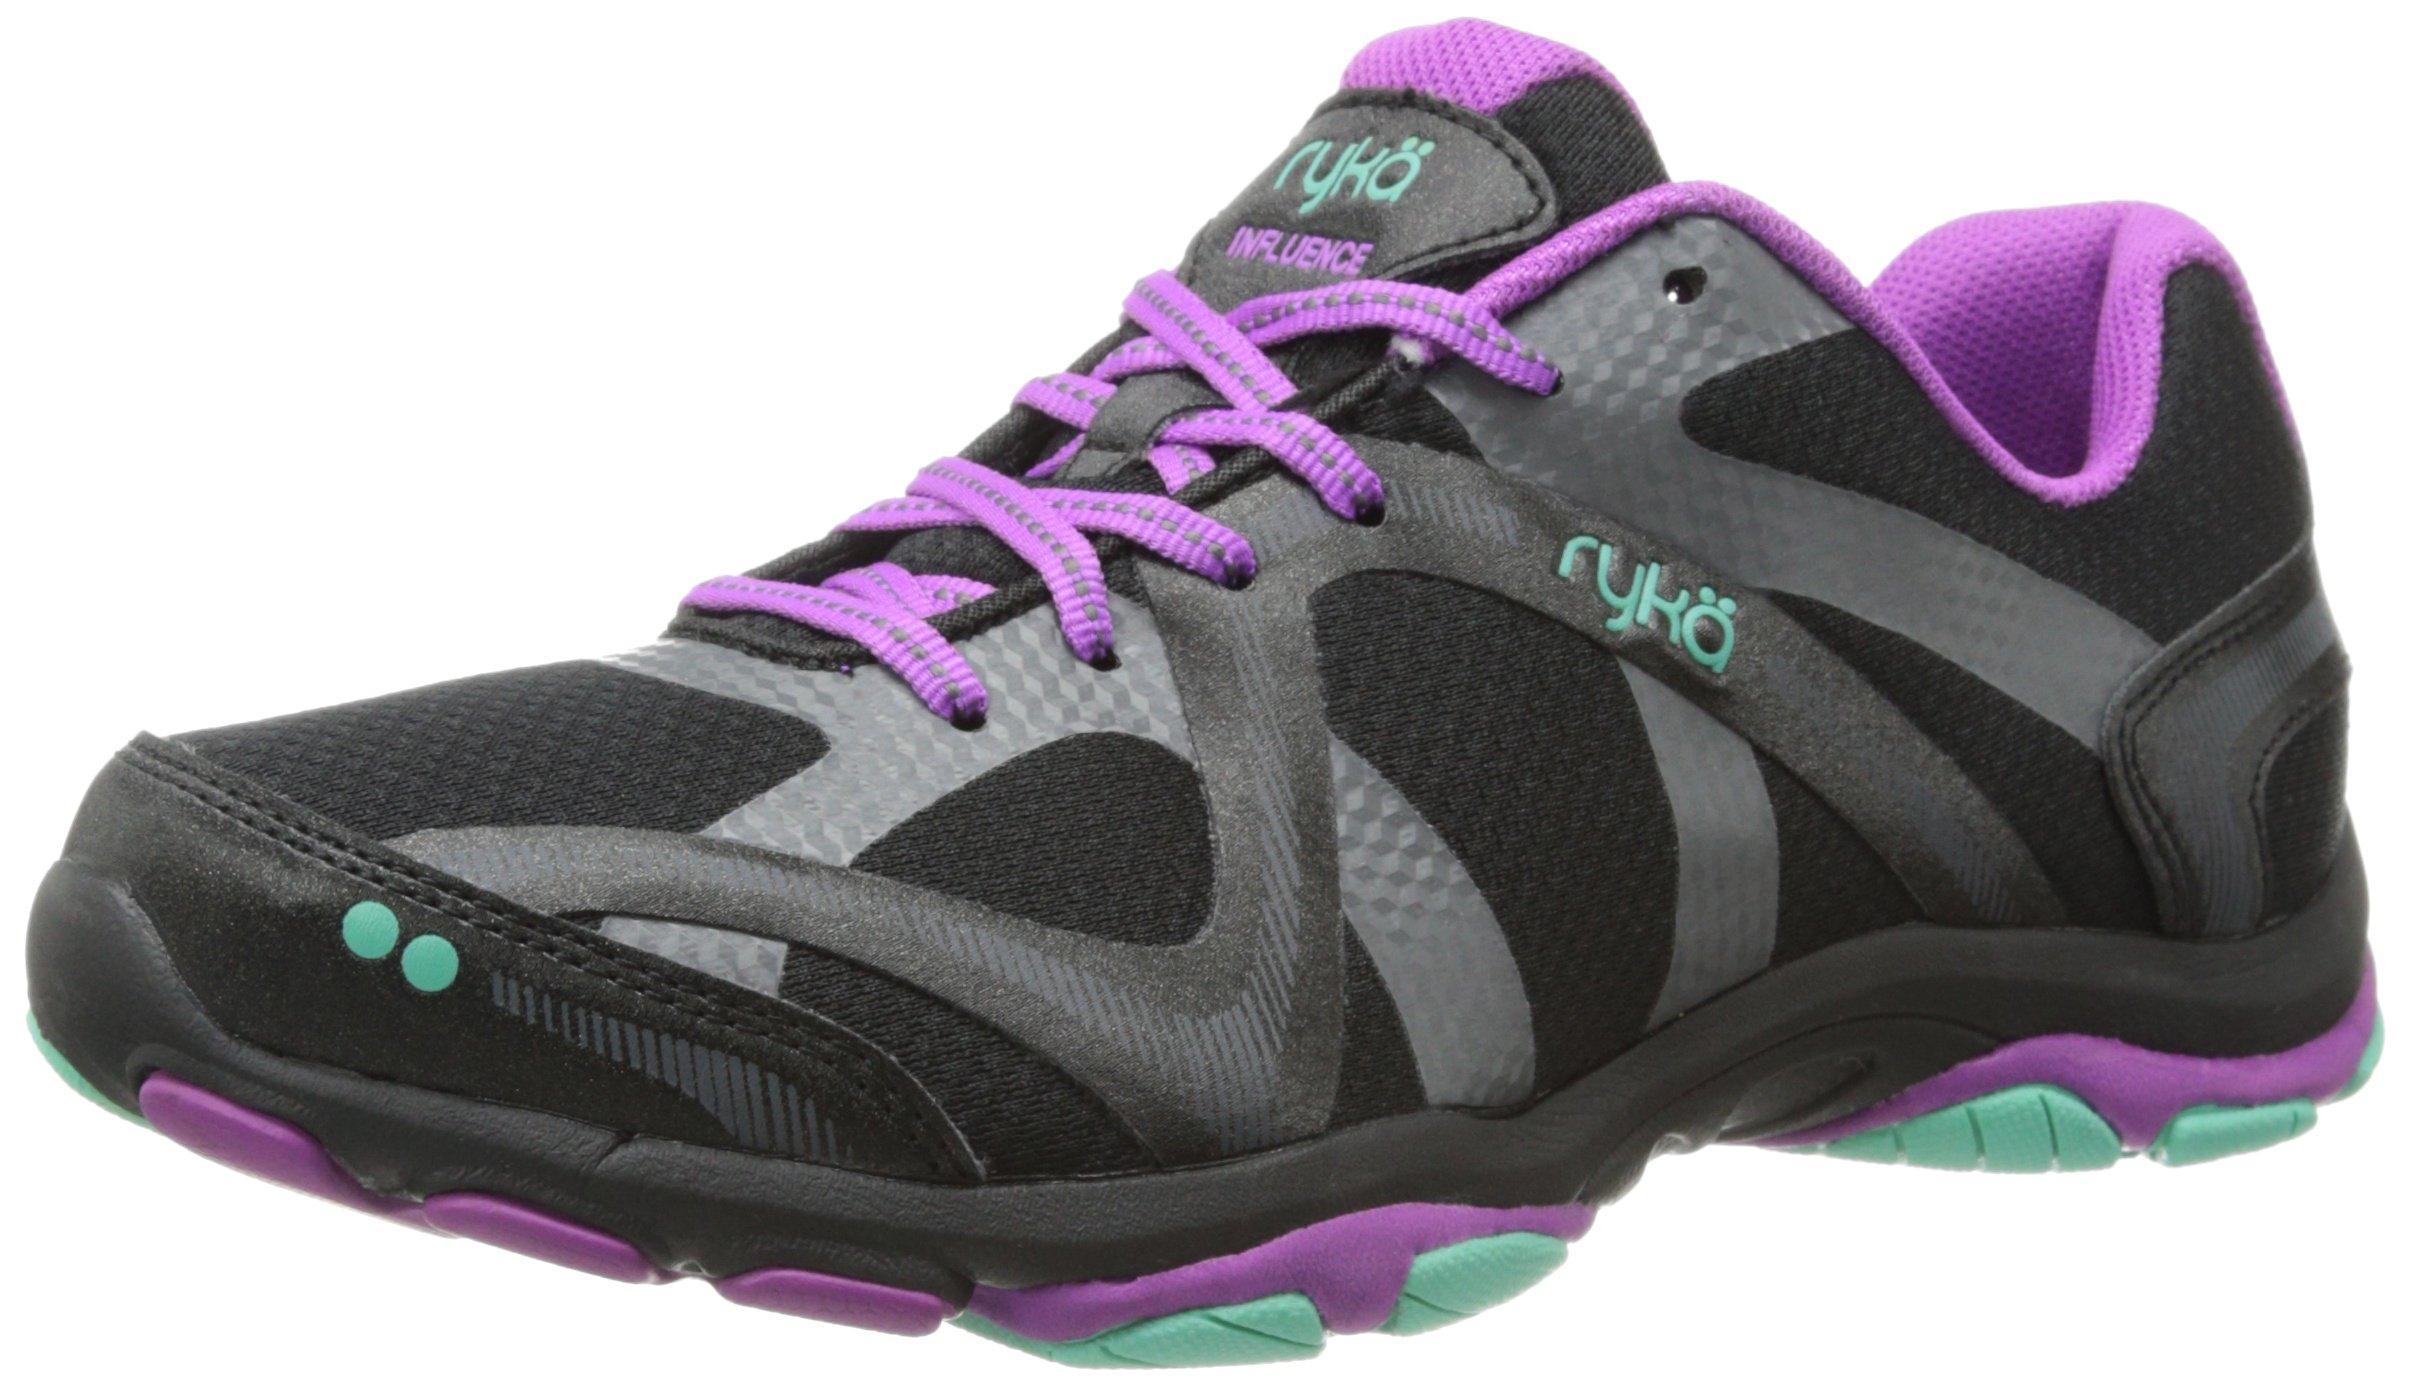 RYKA Women's Influence V 2 Training Shoe,Black/Sugar Plum/Vivid Aqua,7 M US